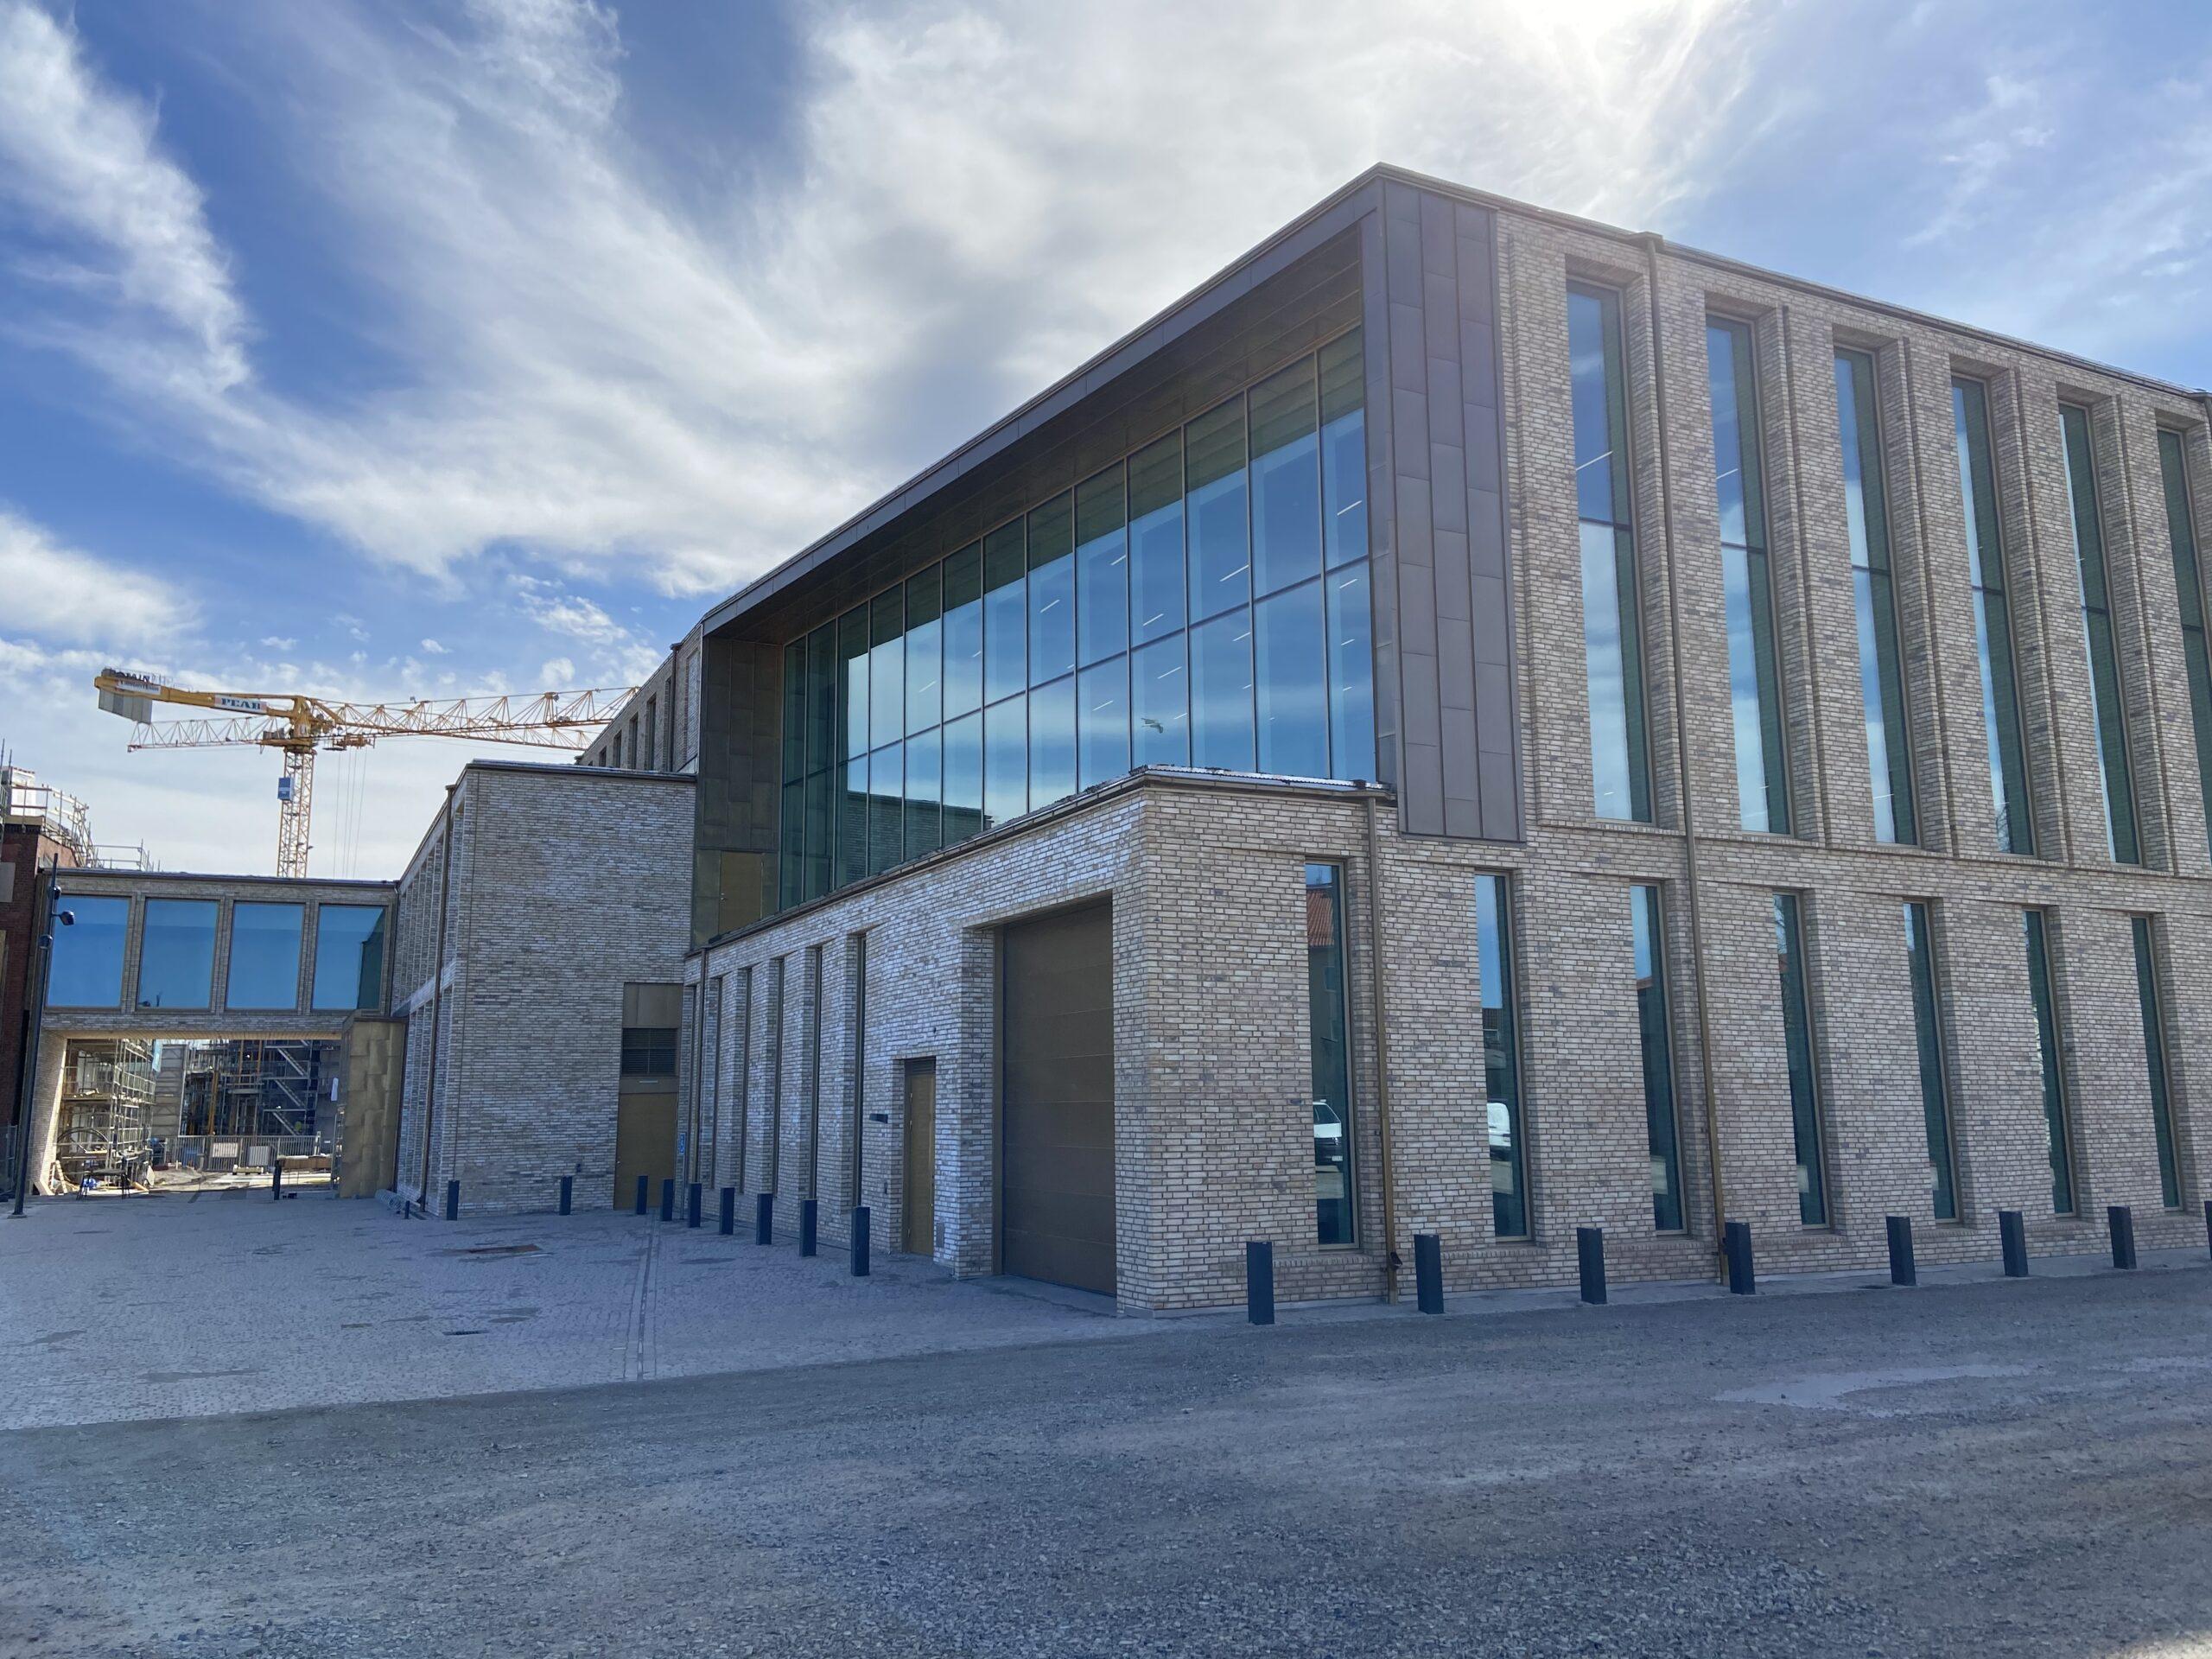 Falkenbergs kultur kunskaps centrum byggplåt mässing